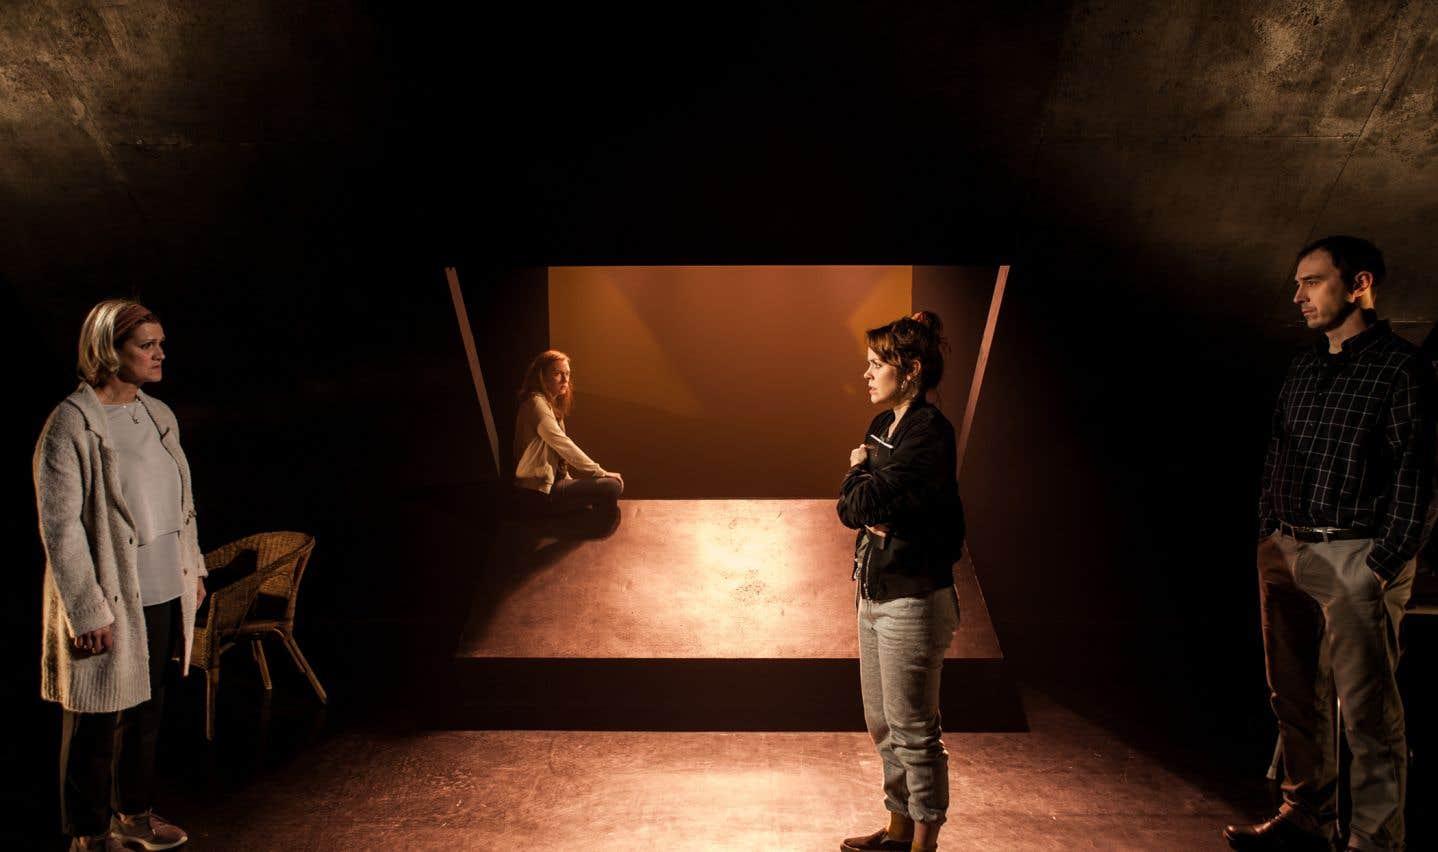 La mise en scène rigoureuse d'Édith Patenaude maintient ce récit d'itinérance sous une tension soutenue.